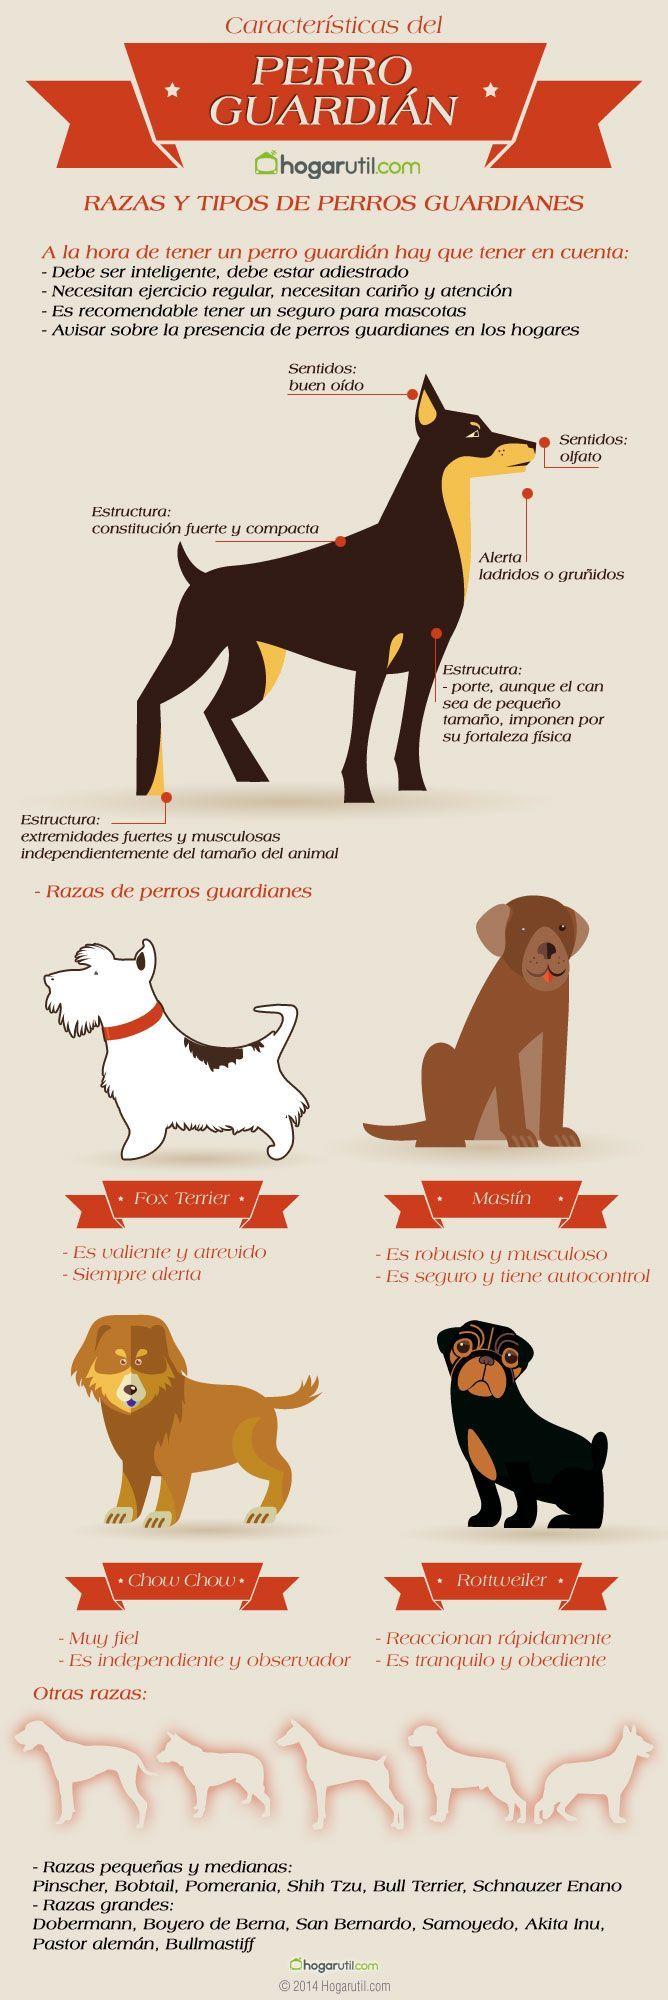 Infografía sobre perros guardián. Te dejamos una infografía con consejos sobre qué características debe tener un buen perro guardián, así como razas de perros guardián. #infografia #mascotas #perros